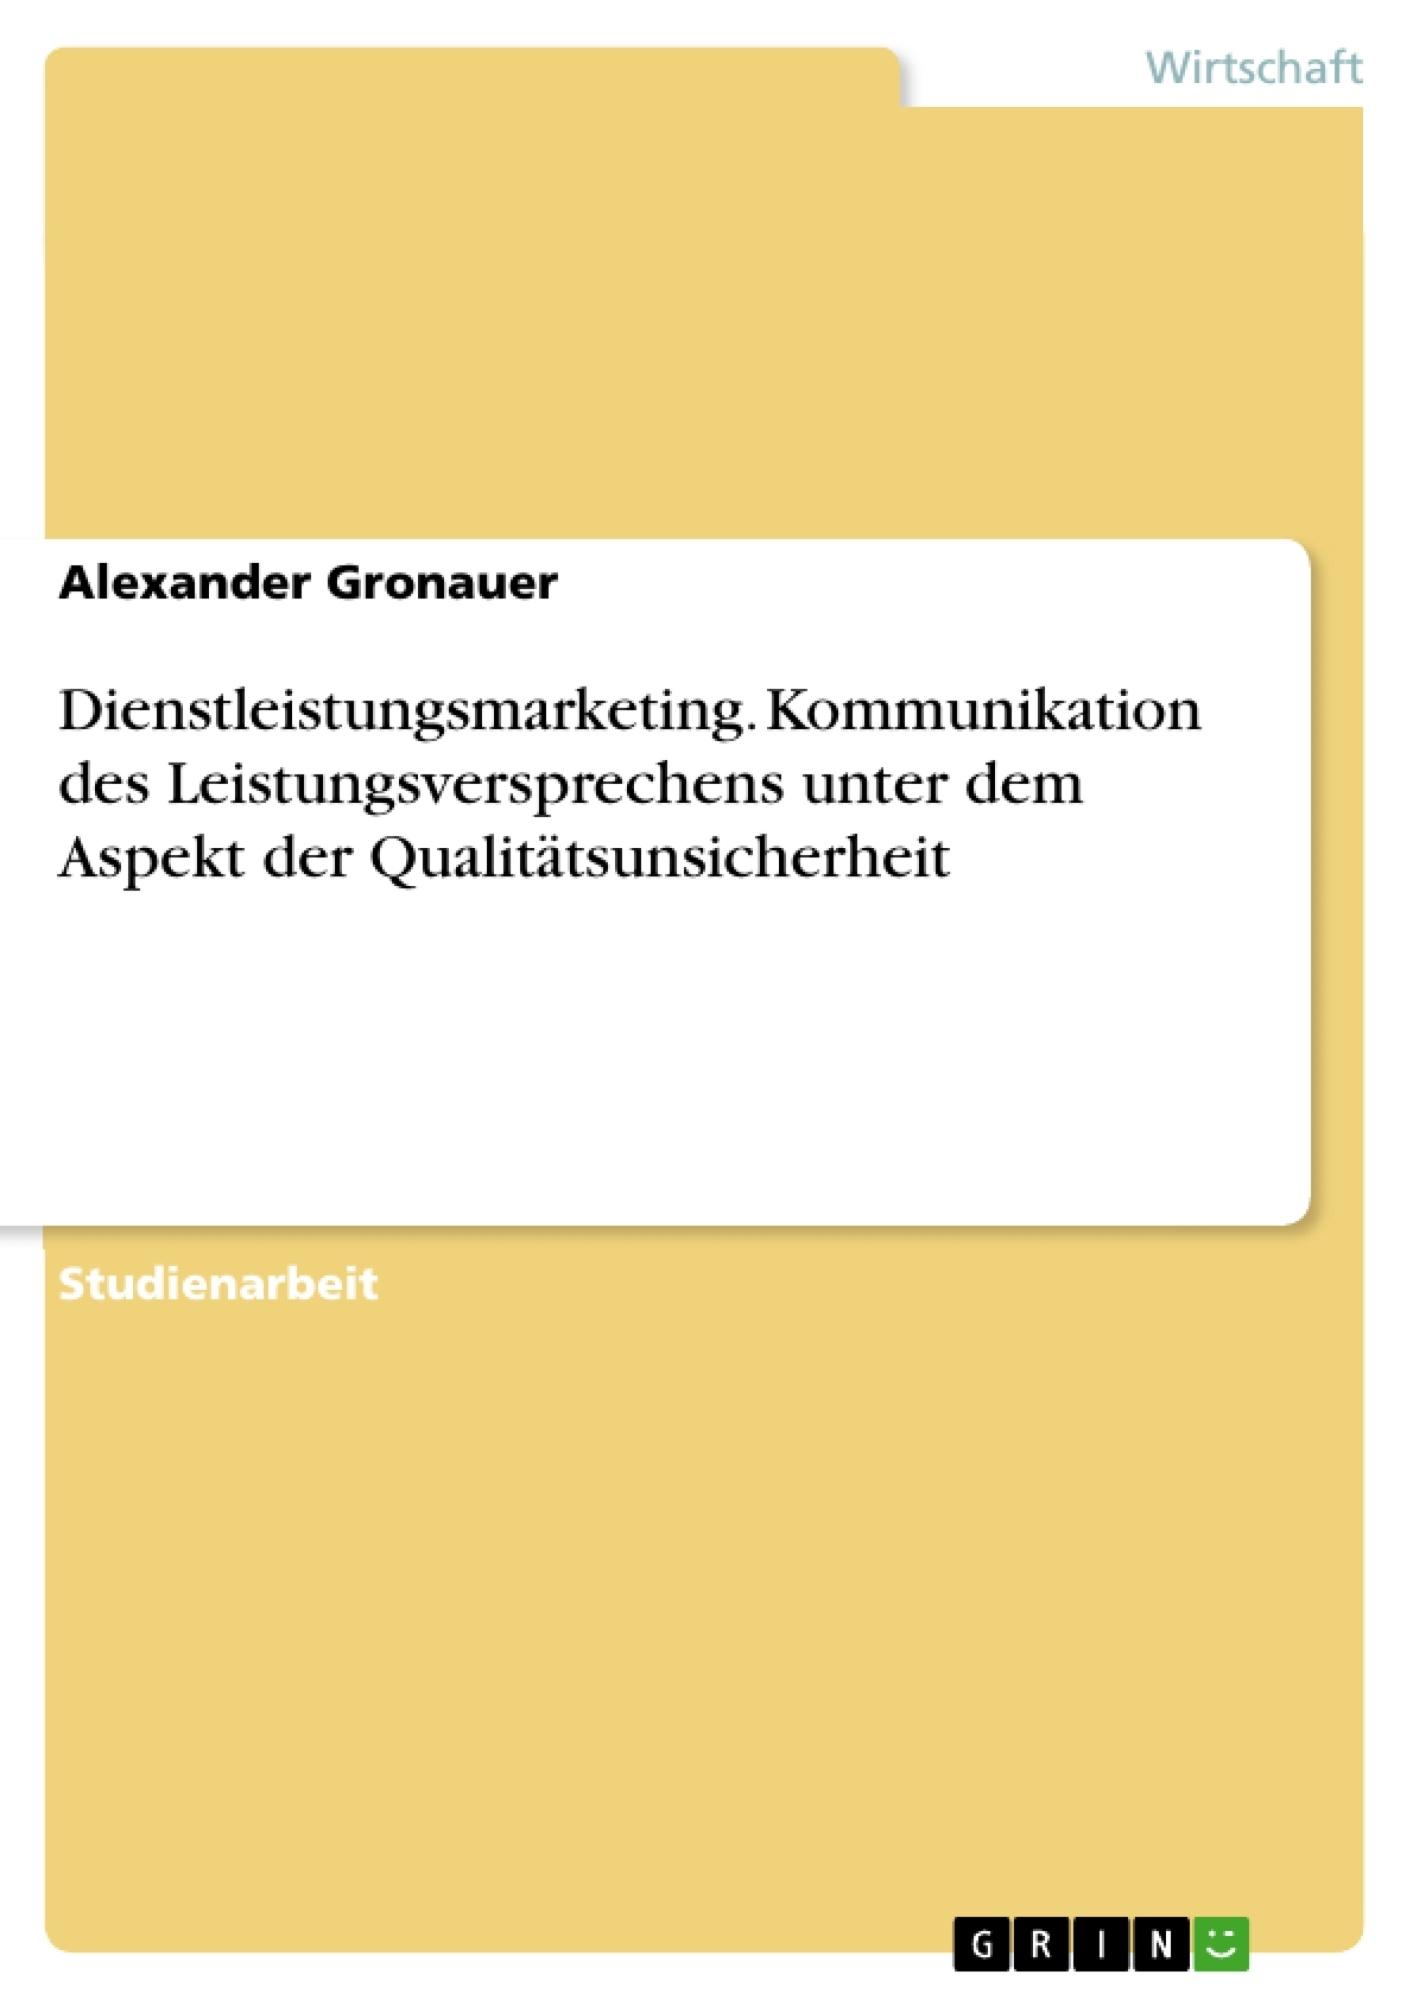 Titel: Dienstleistungsmarketing. Kommunikation des Leistungsversprechens unter dem Aspekt der Qualitätsunsicherheit